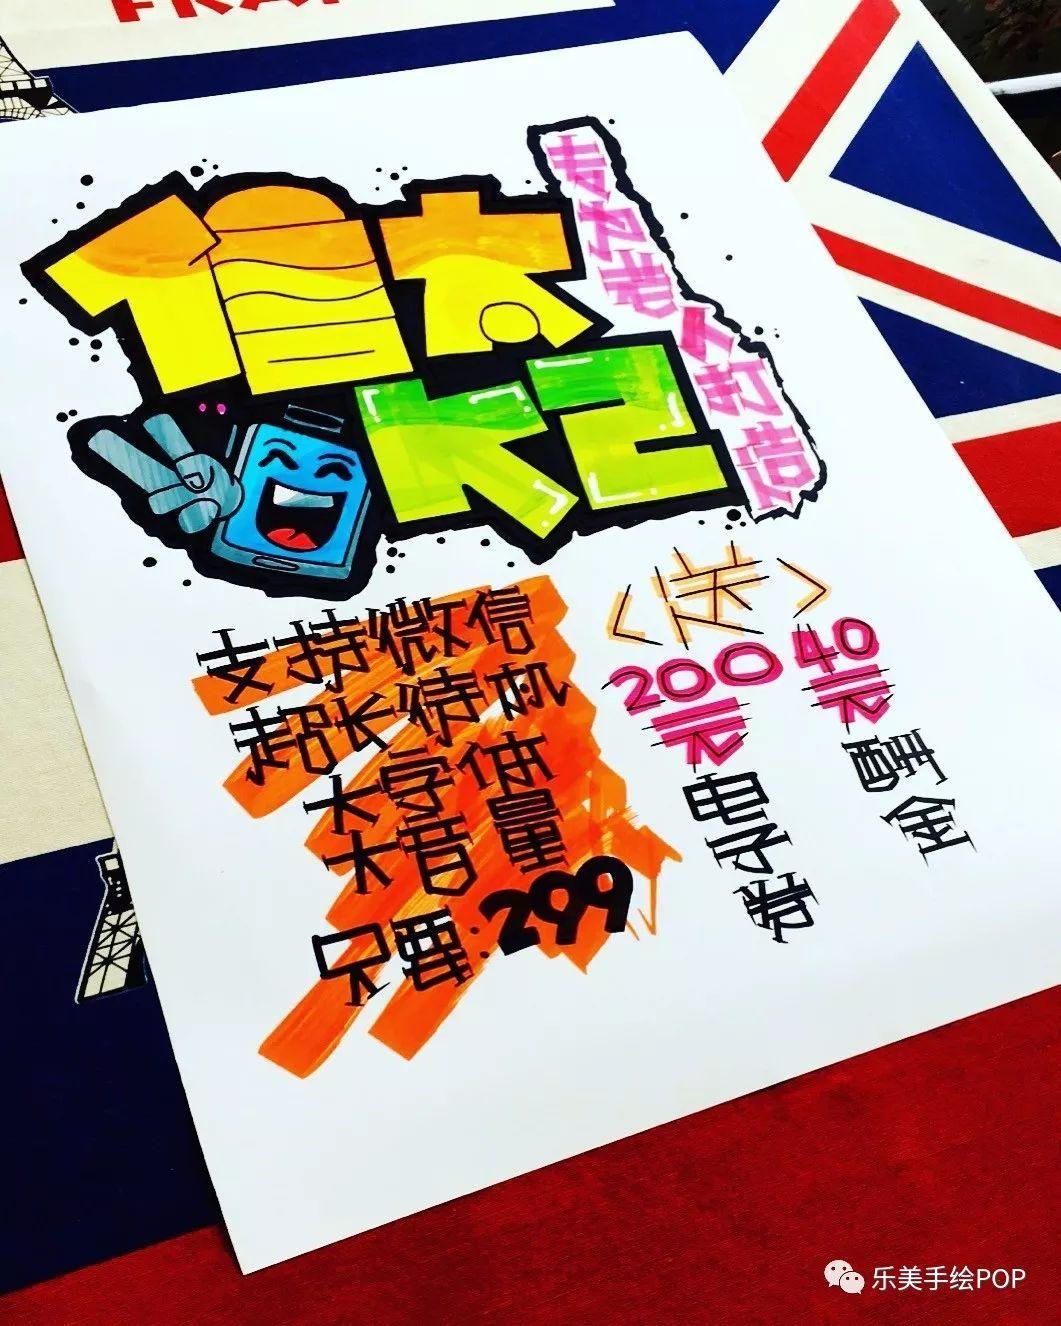 信太k2手机手绘pop海报